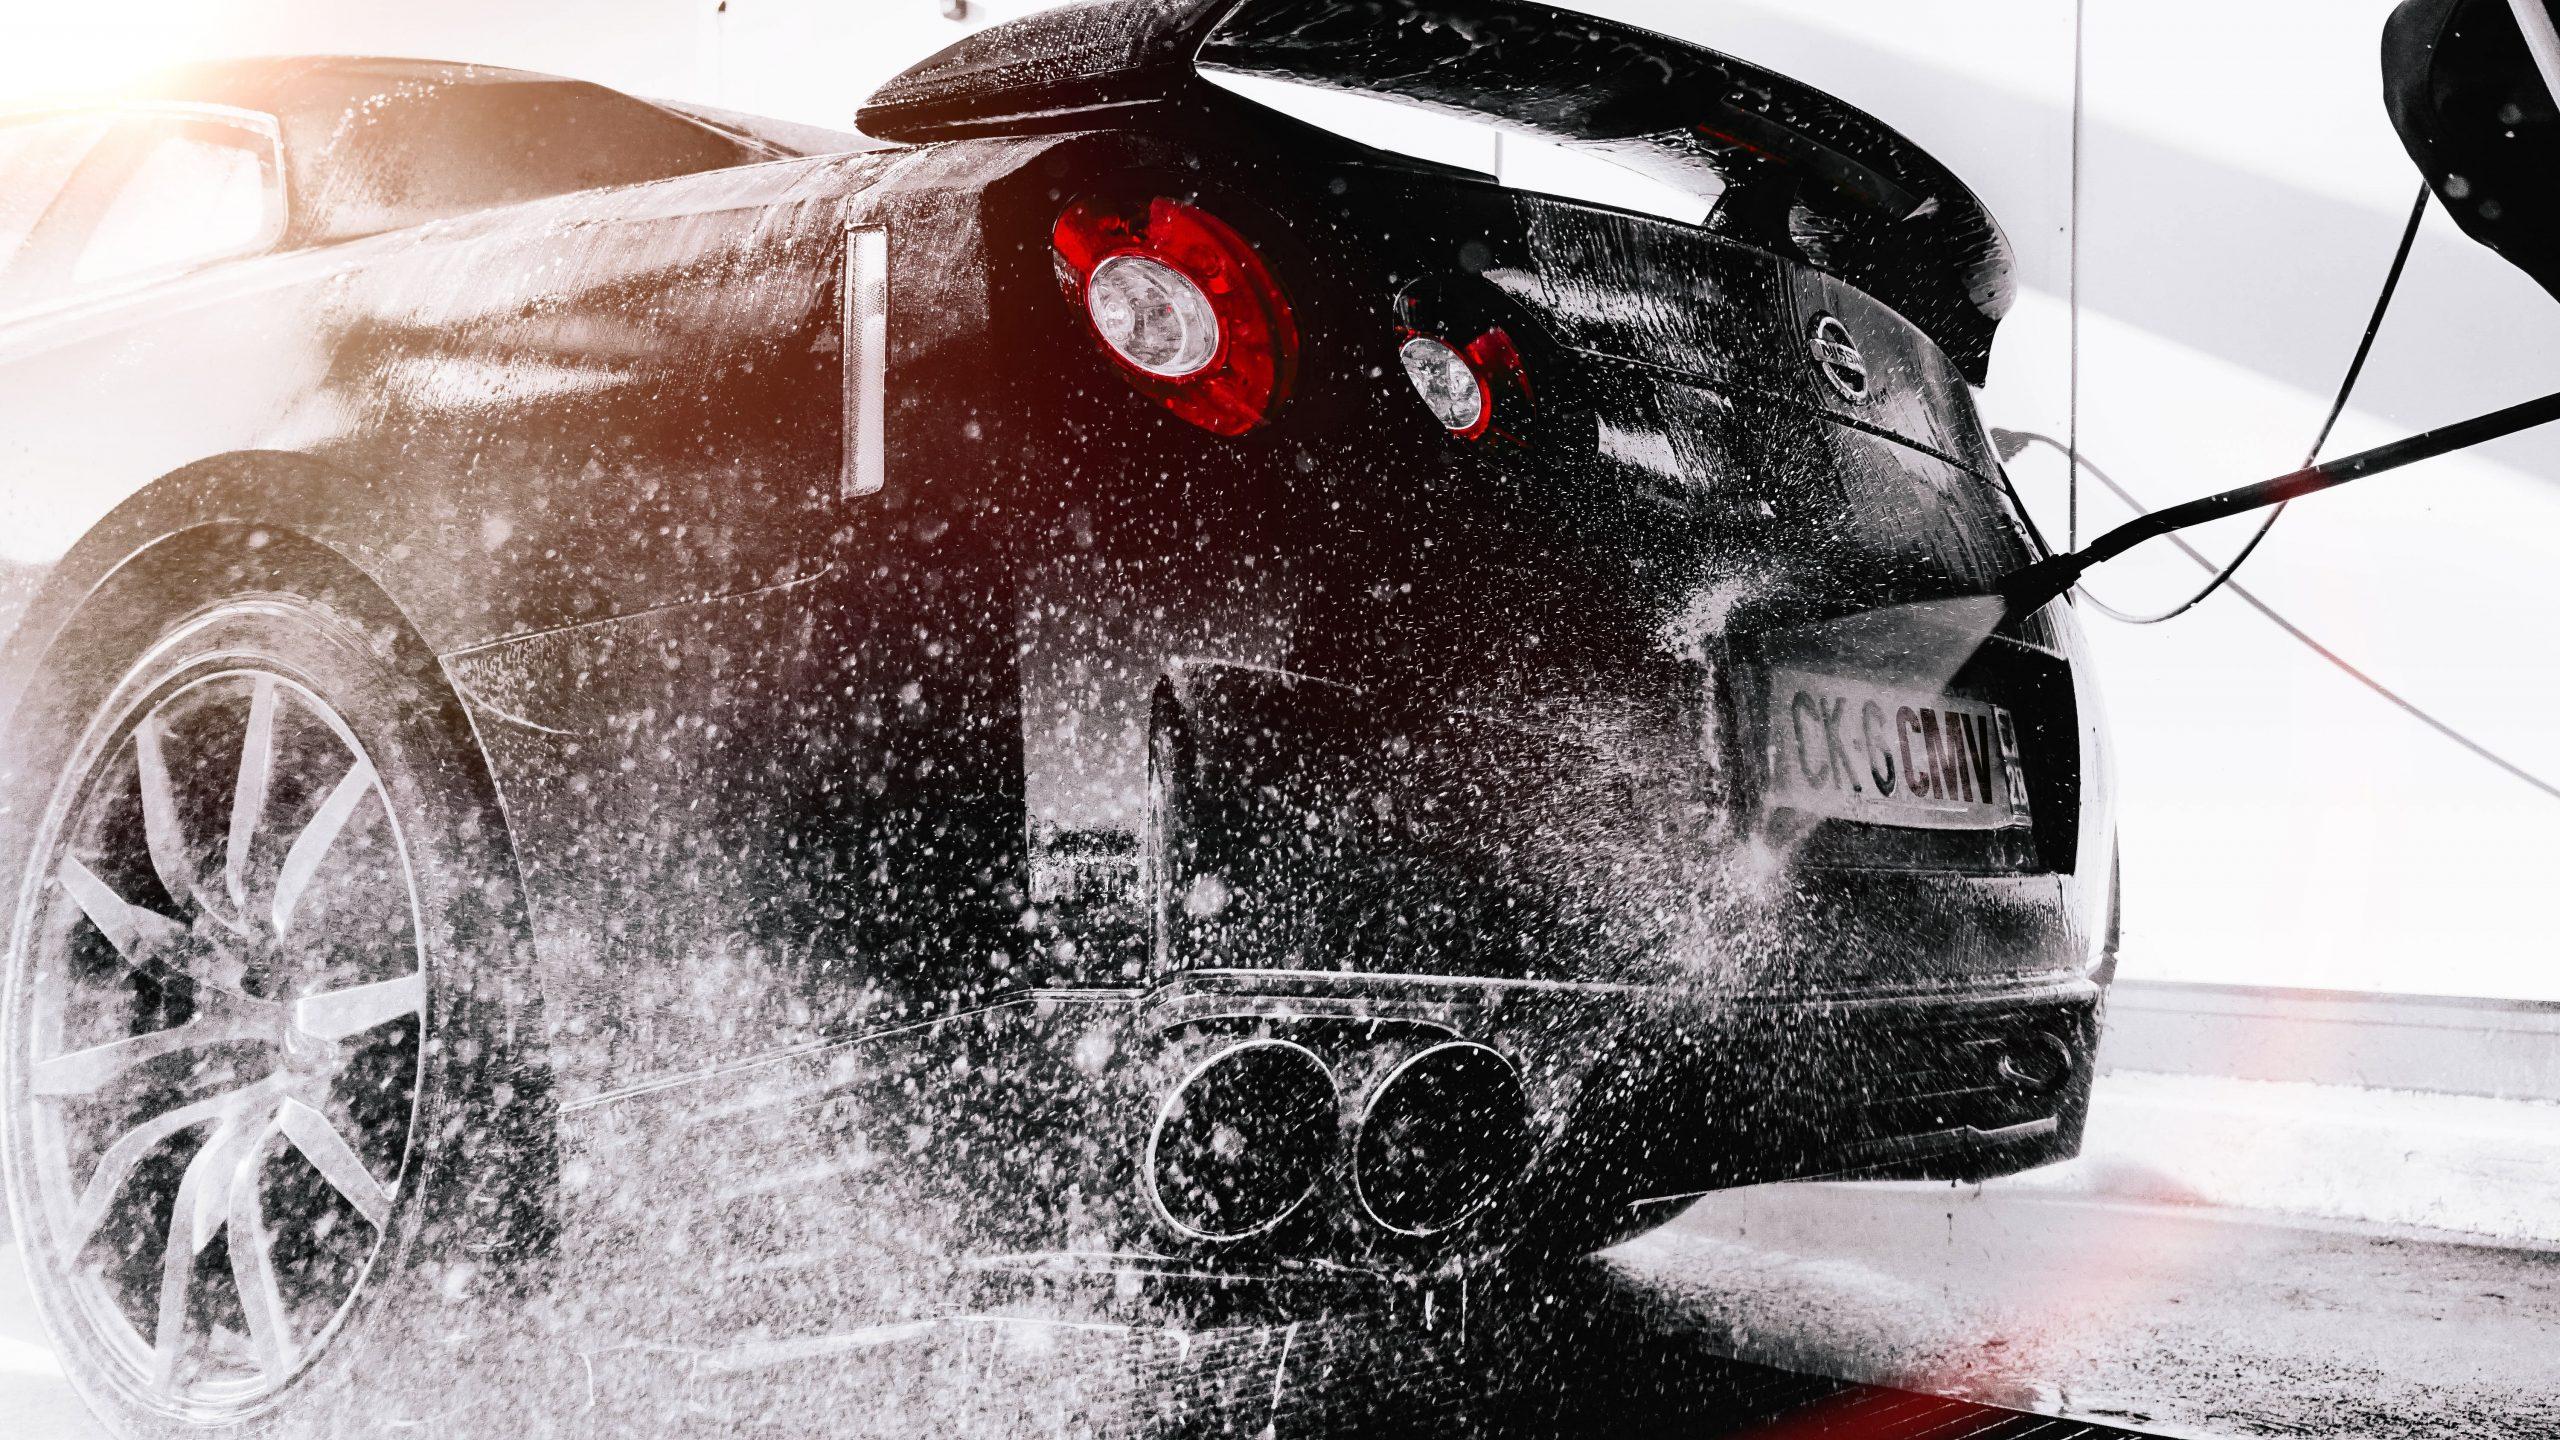 bilde av en bil som får bilvask med høytrykkspyler